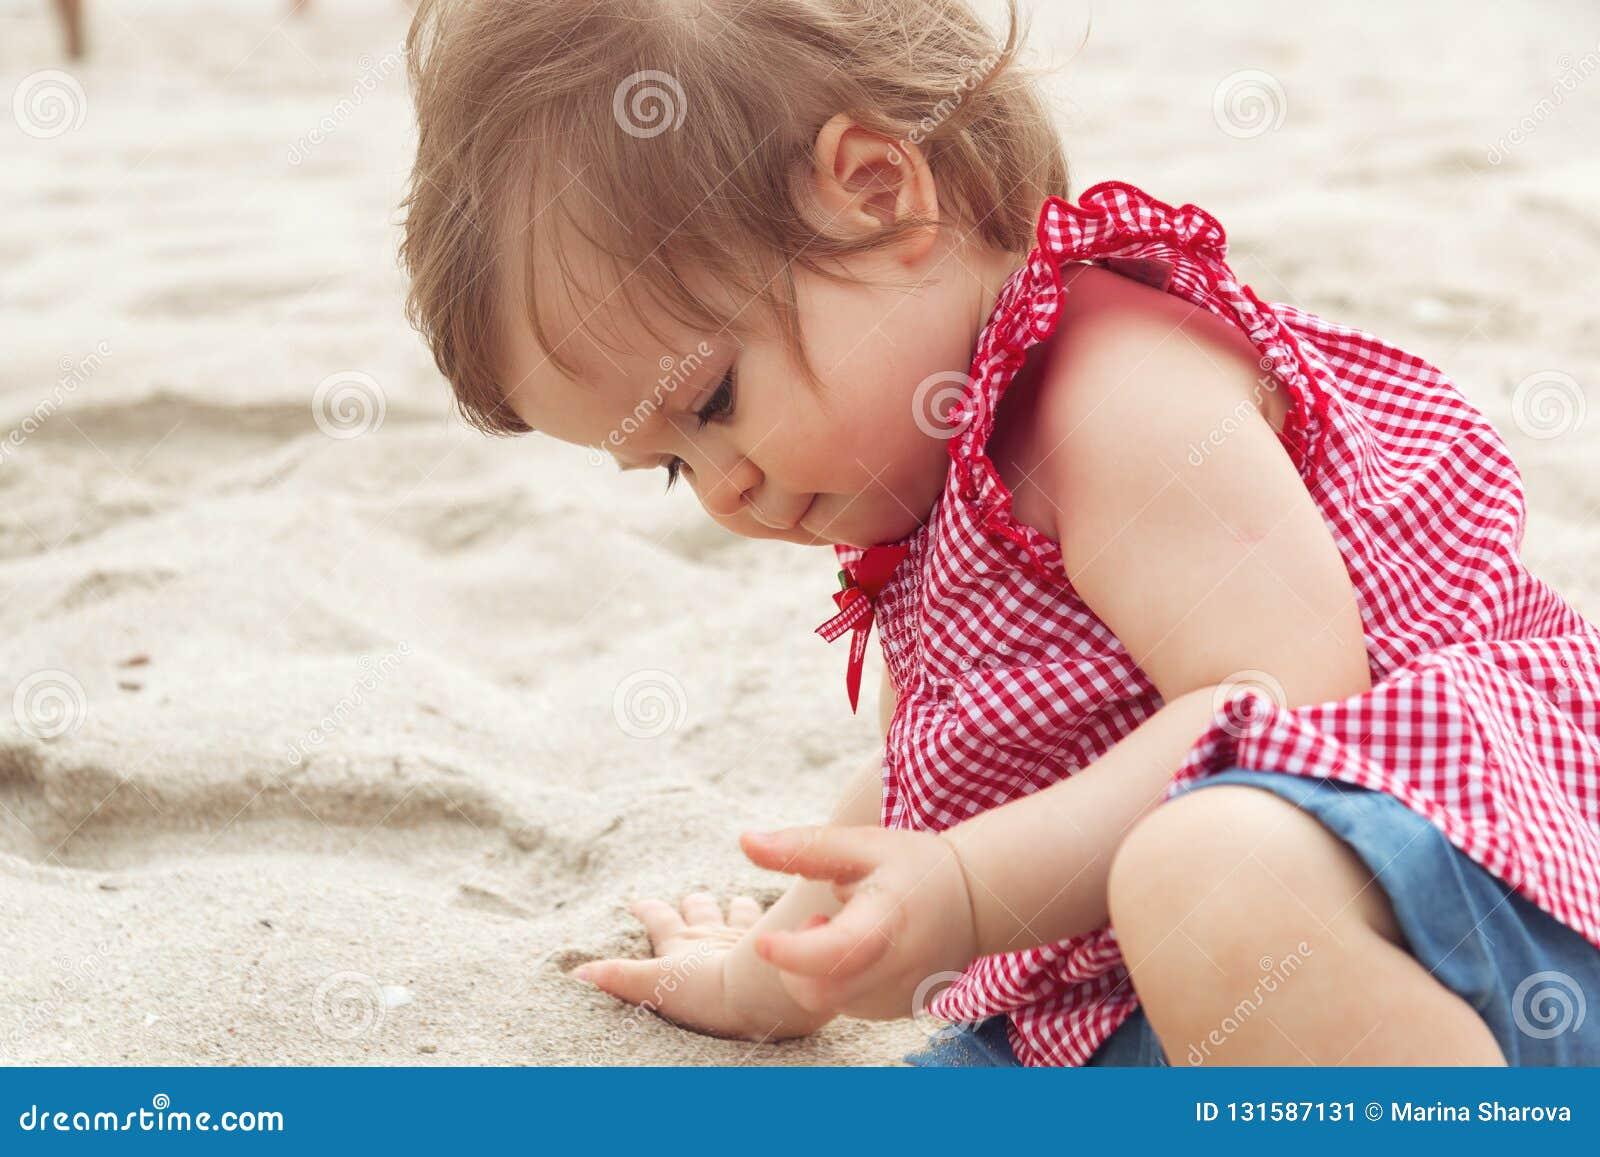 Träumerisches Kind Nettes dunkelhaariges Kinderkleines kleines Kinderbaby, das auf Hinterteilen sitzt und an mit Sand auf Strand